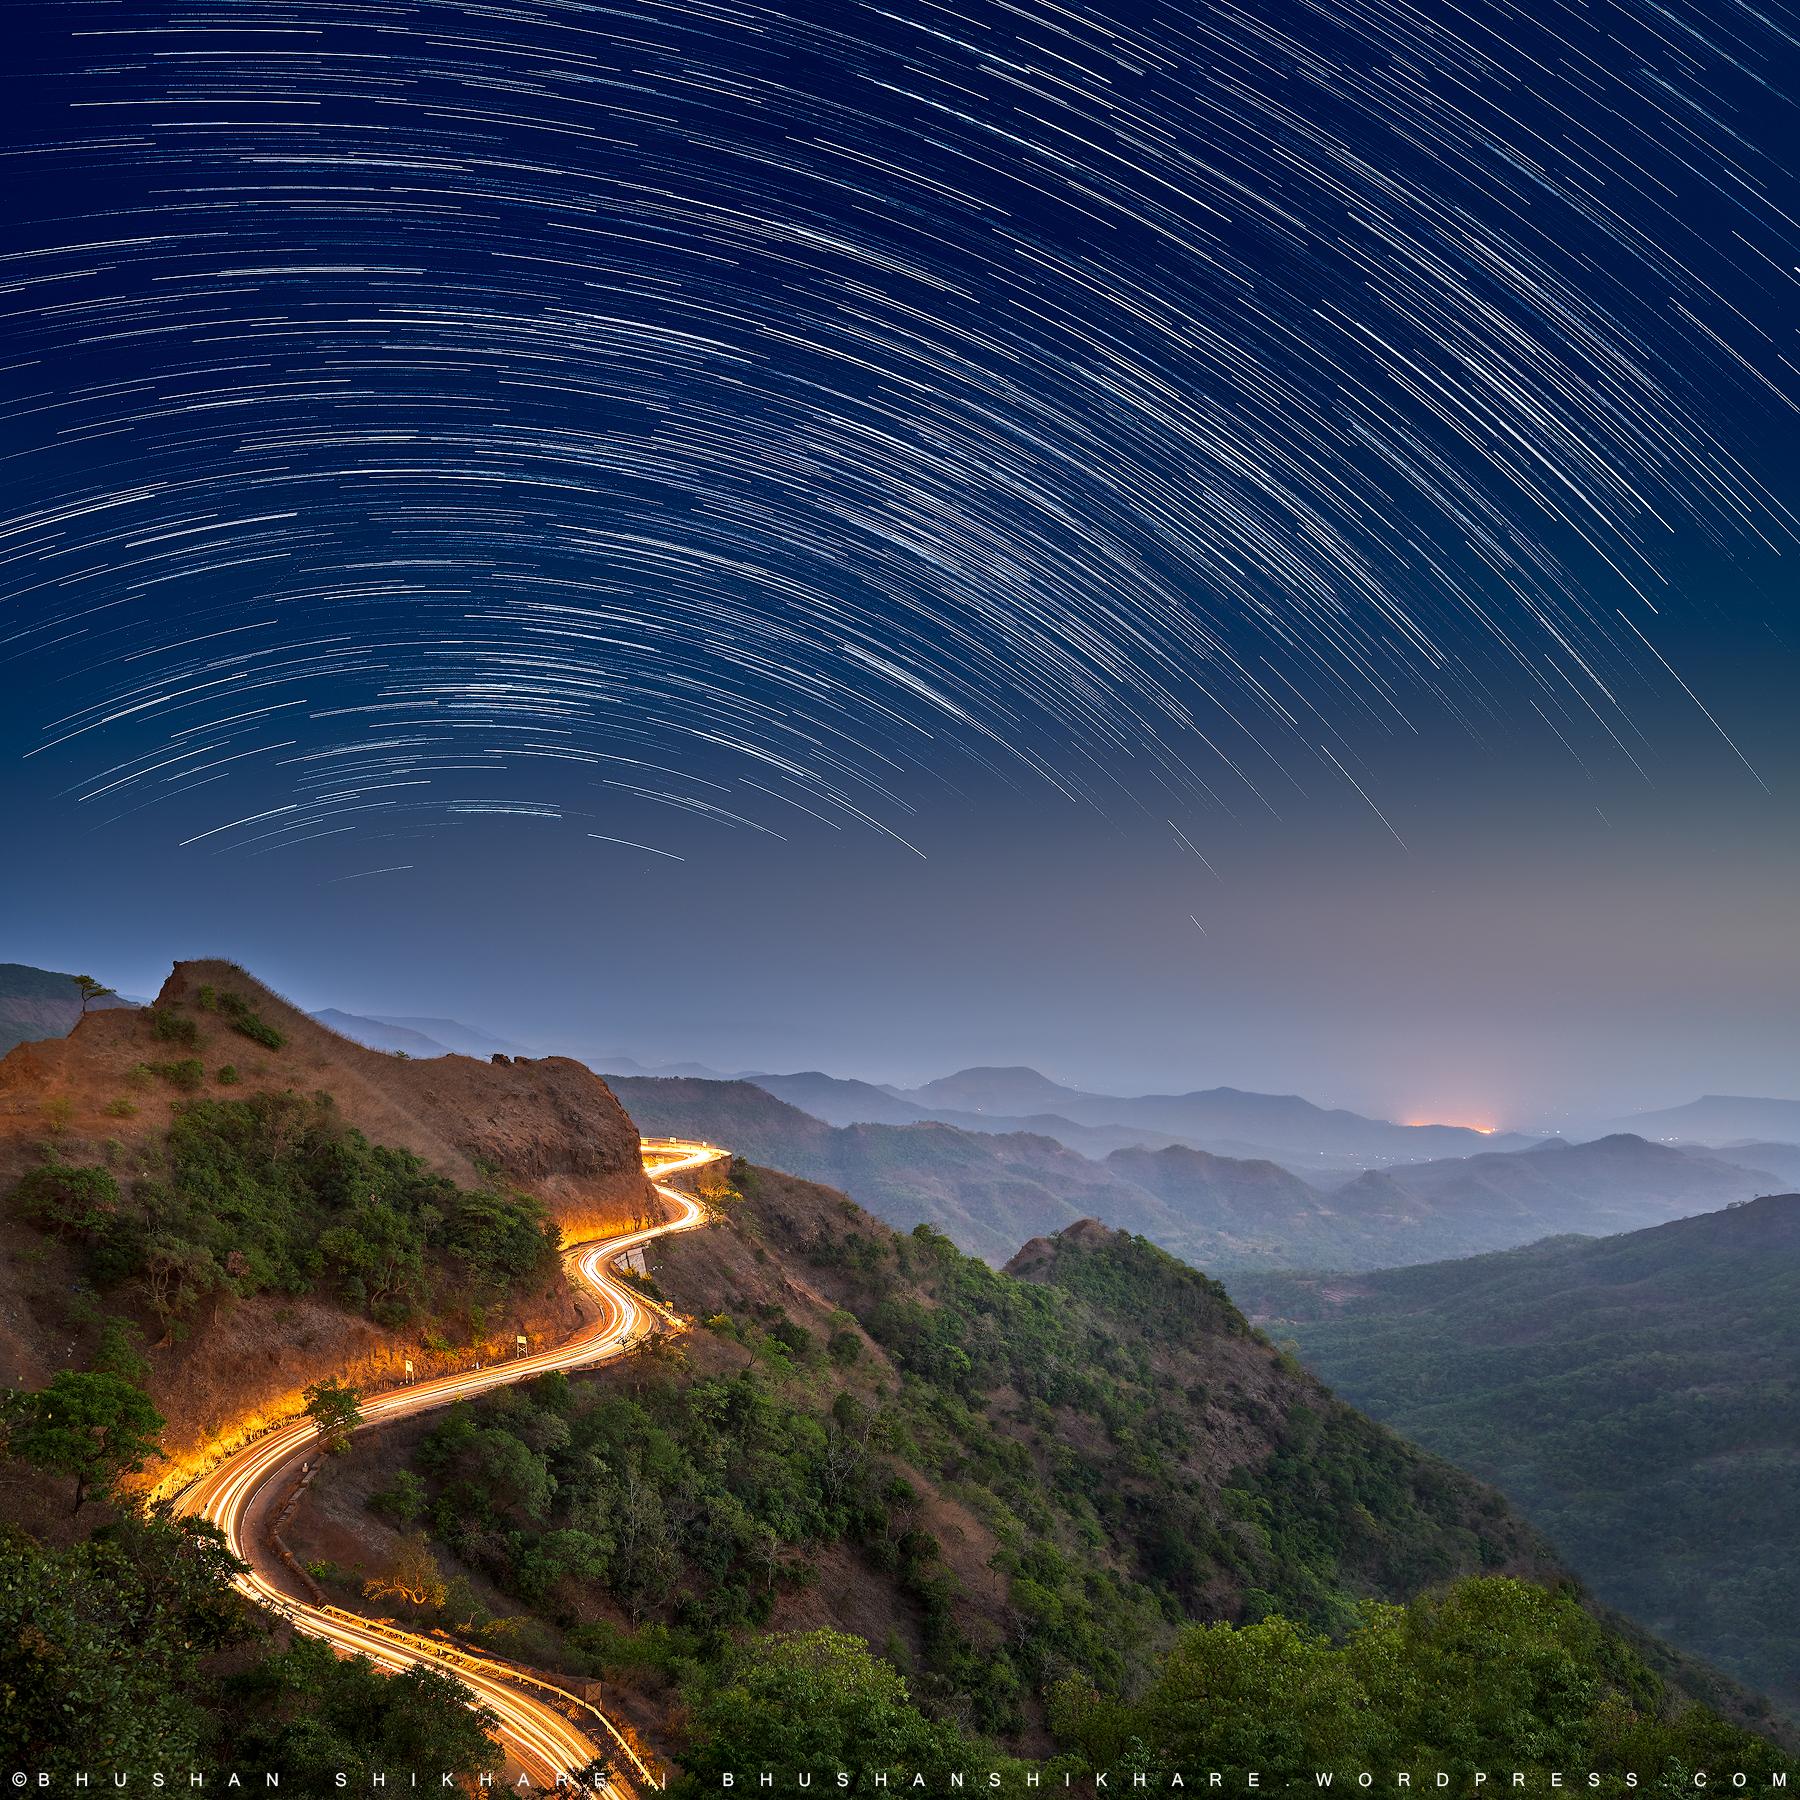 Star Trail at Gaganbawda Ghat